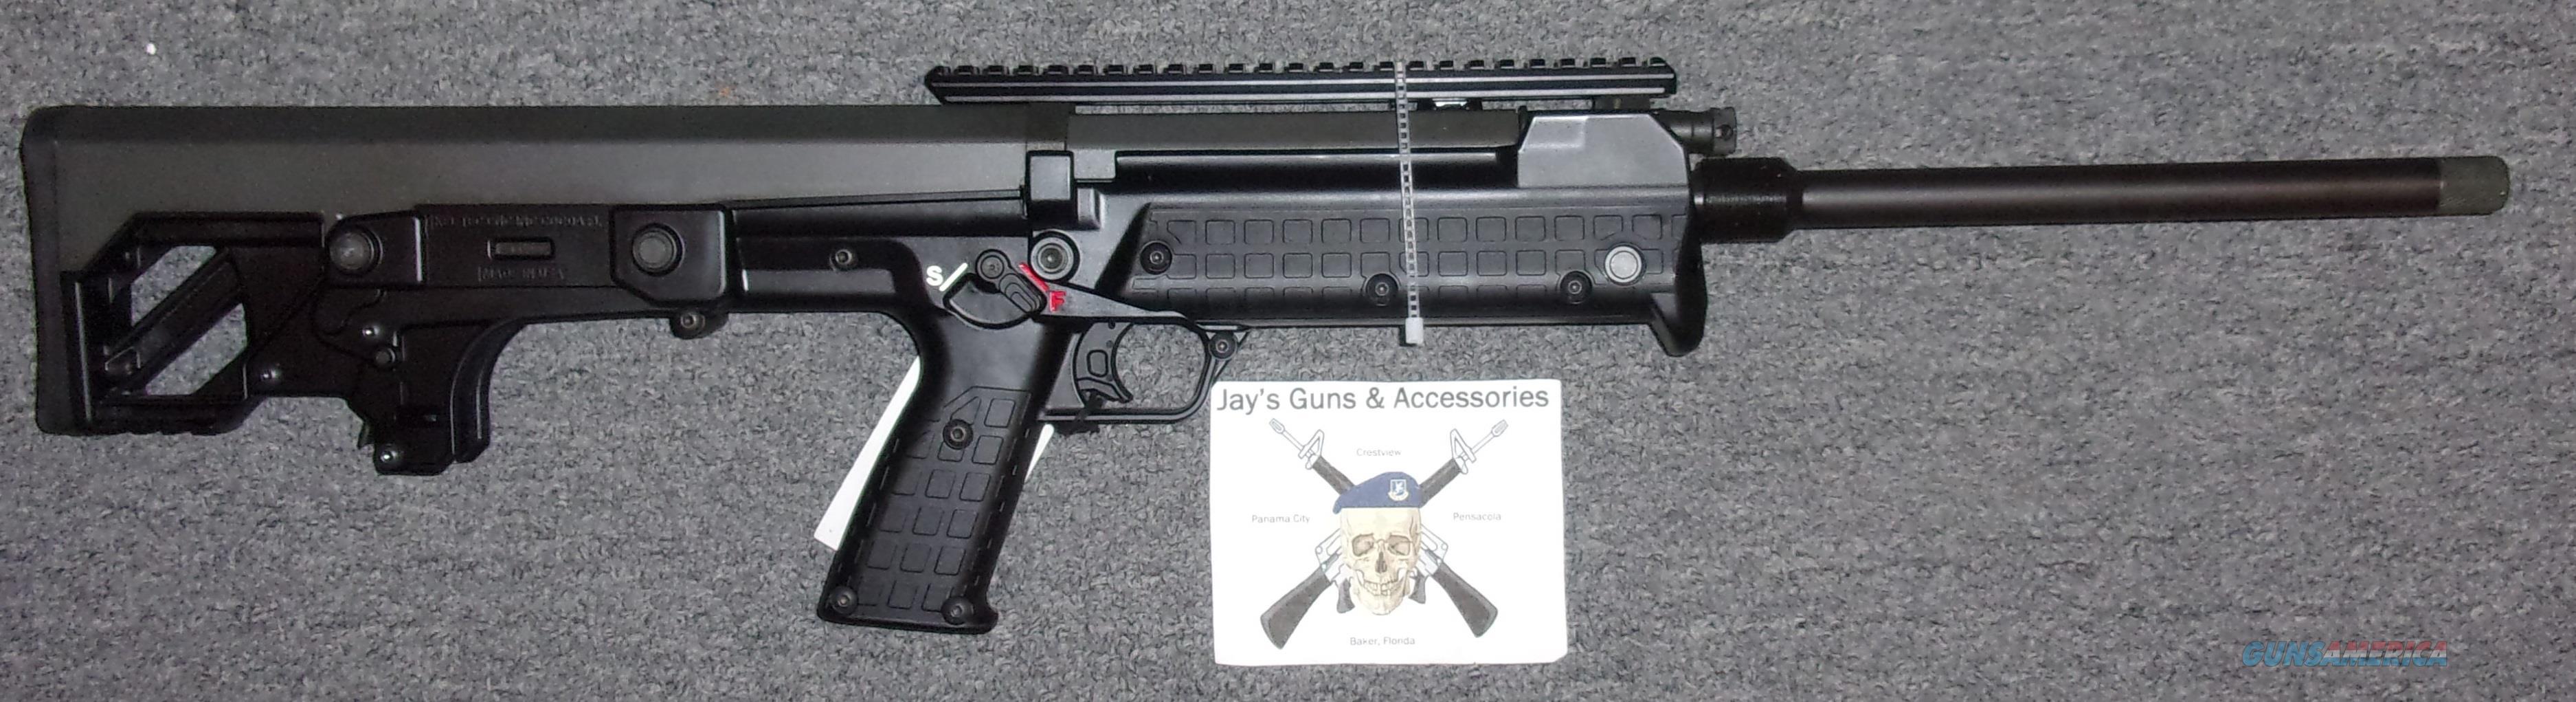 Kel-Tec RFB  Guns > Rifles > Kel-Tec Rifles